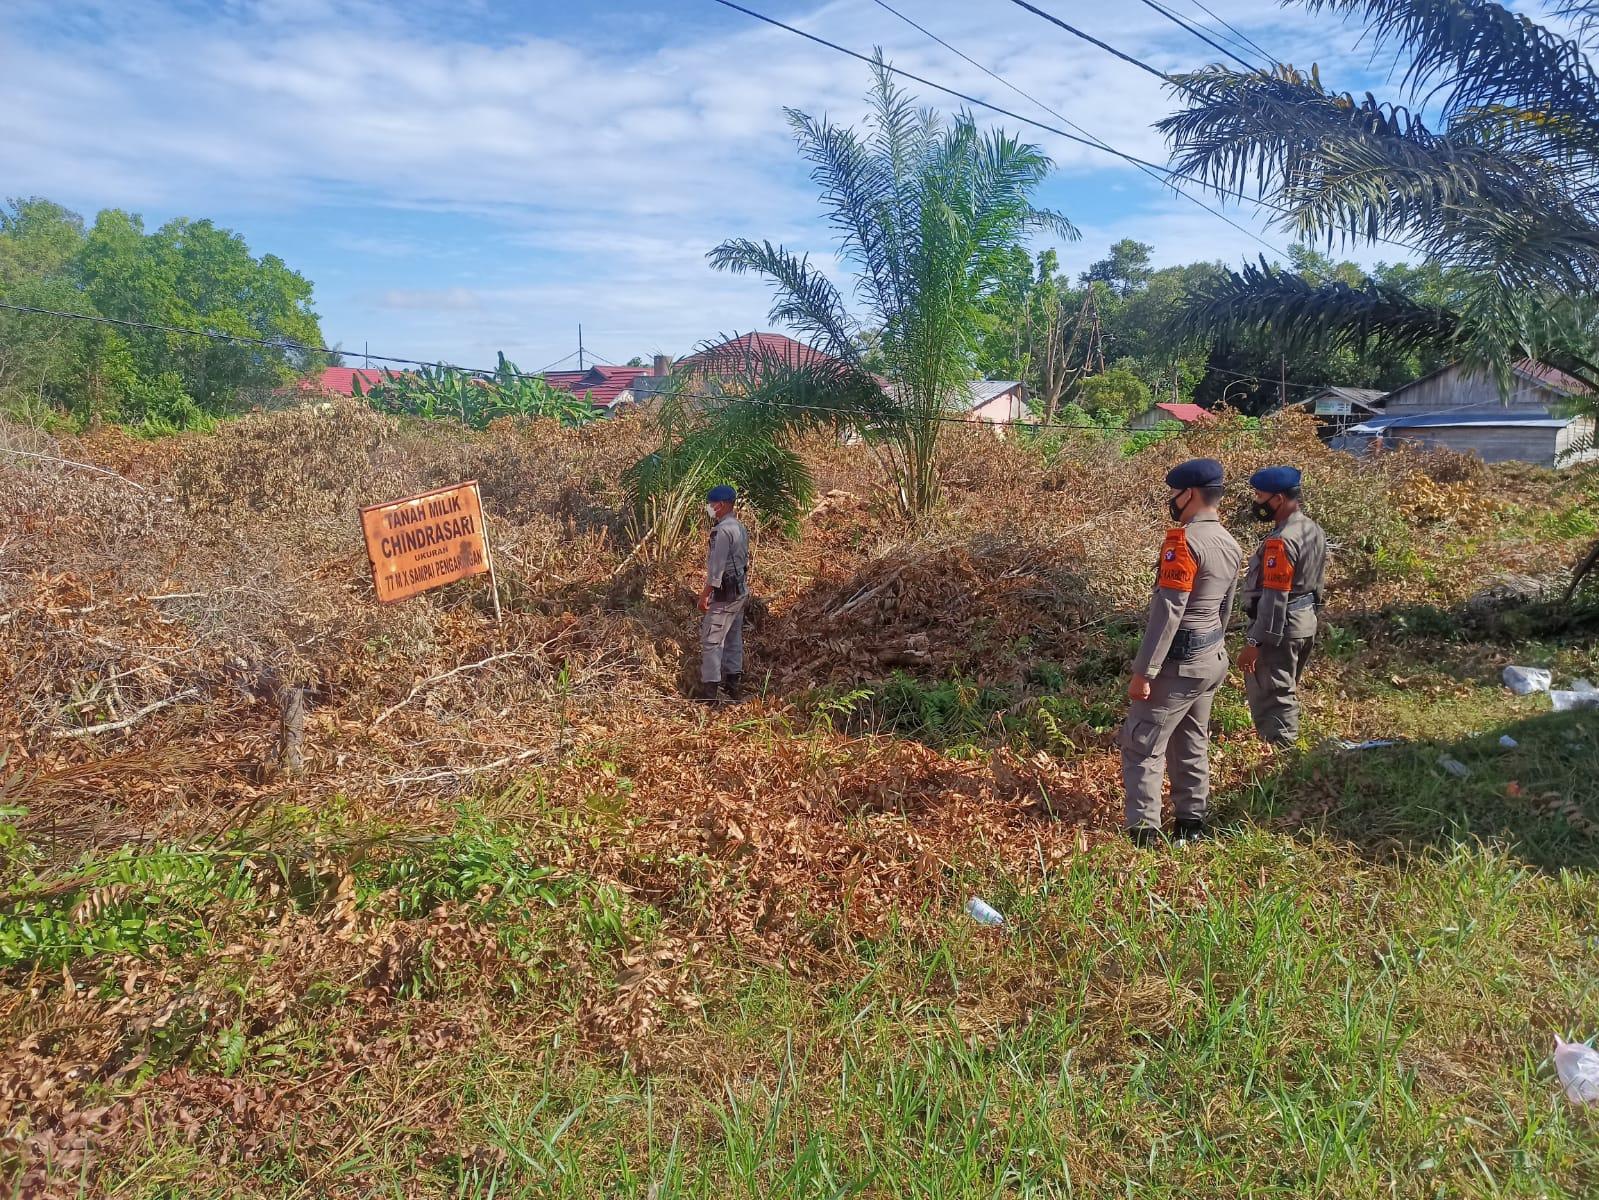 Personel Satbrimob Polda Kalteng menemukan adanya semak belukar kering hasil tebasan di pinggir jalan